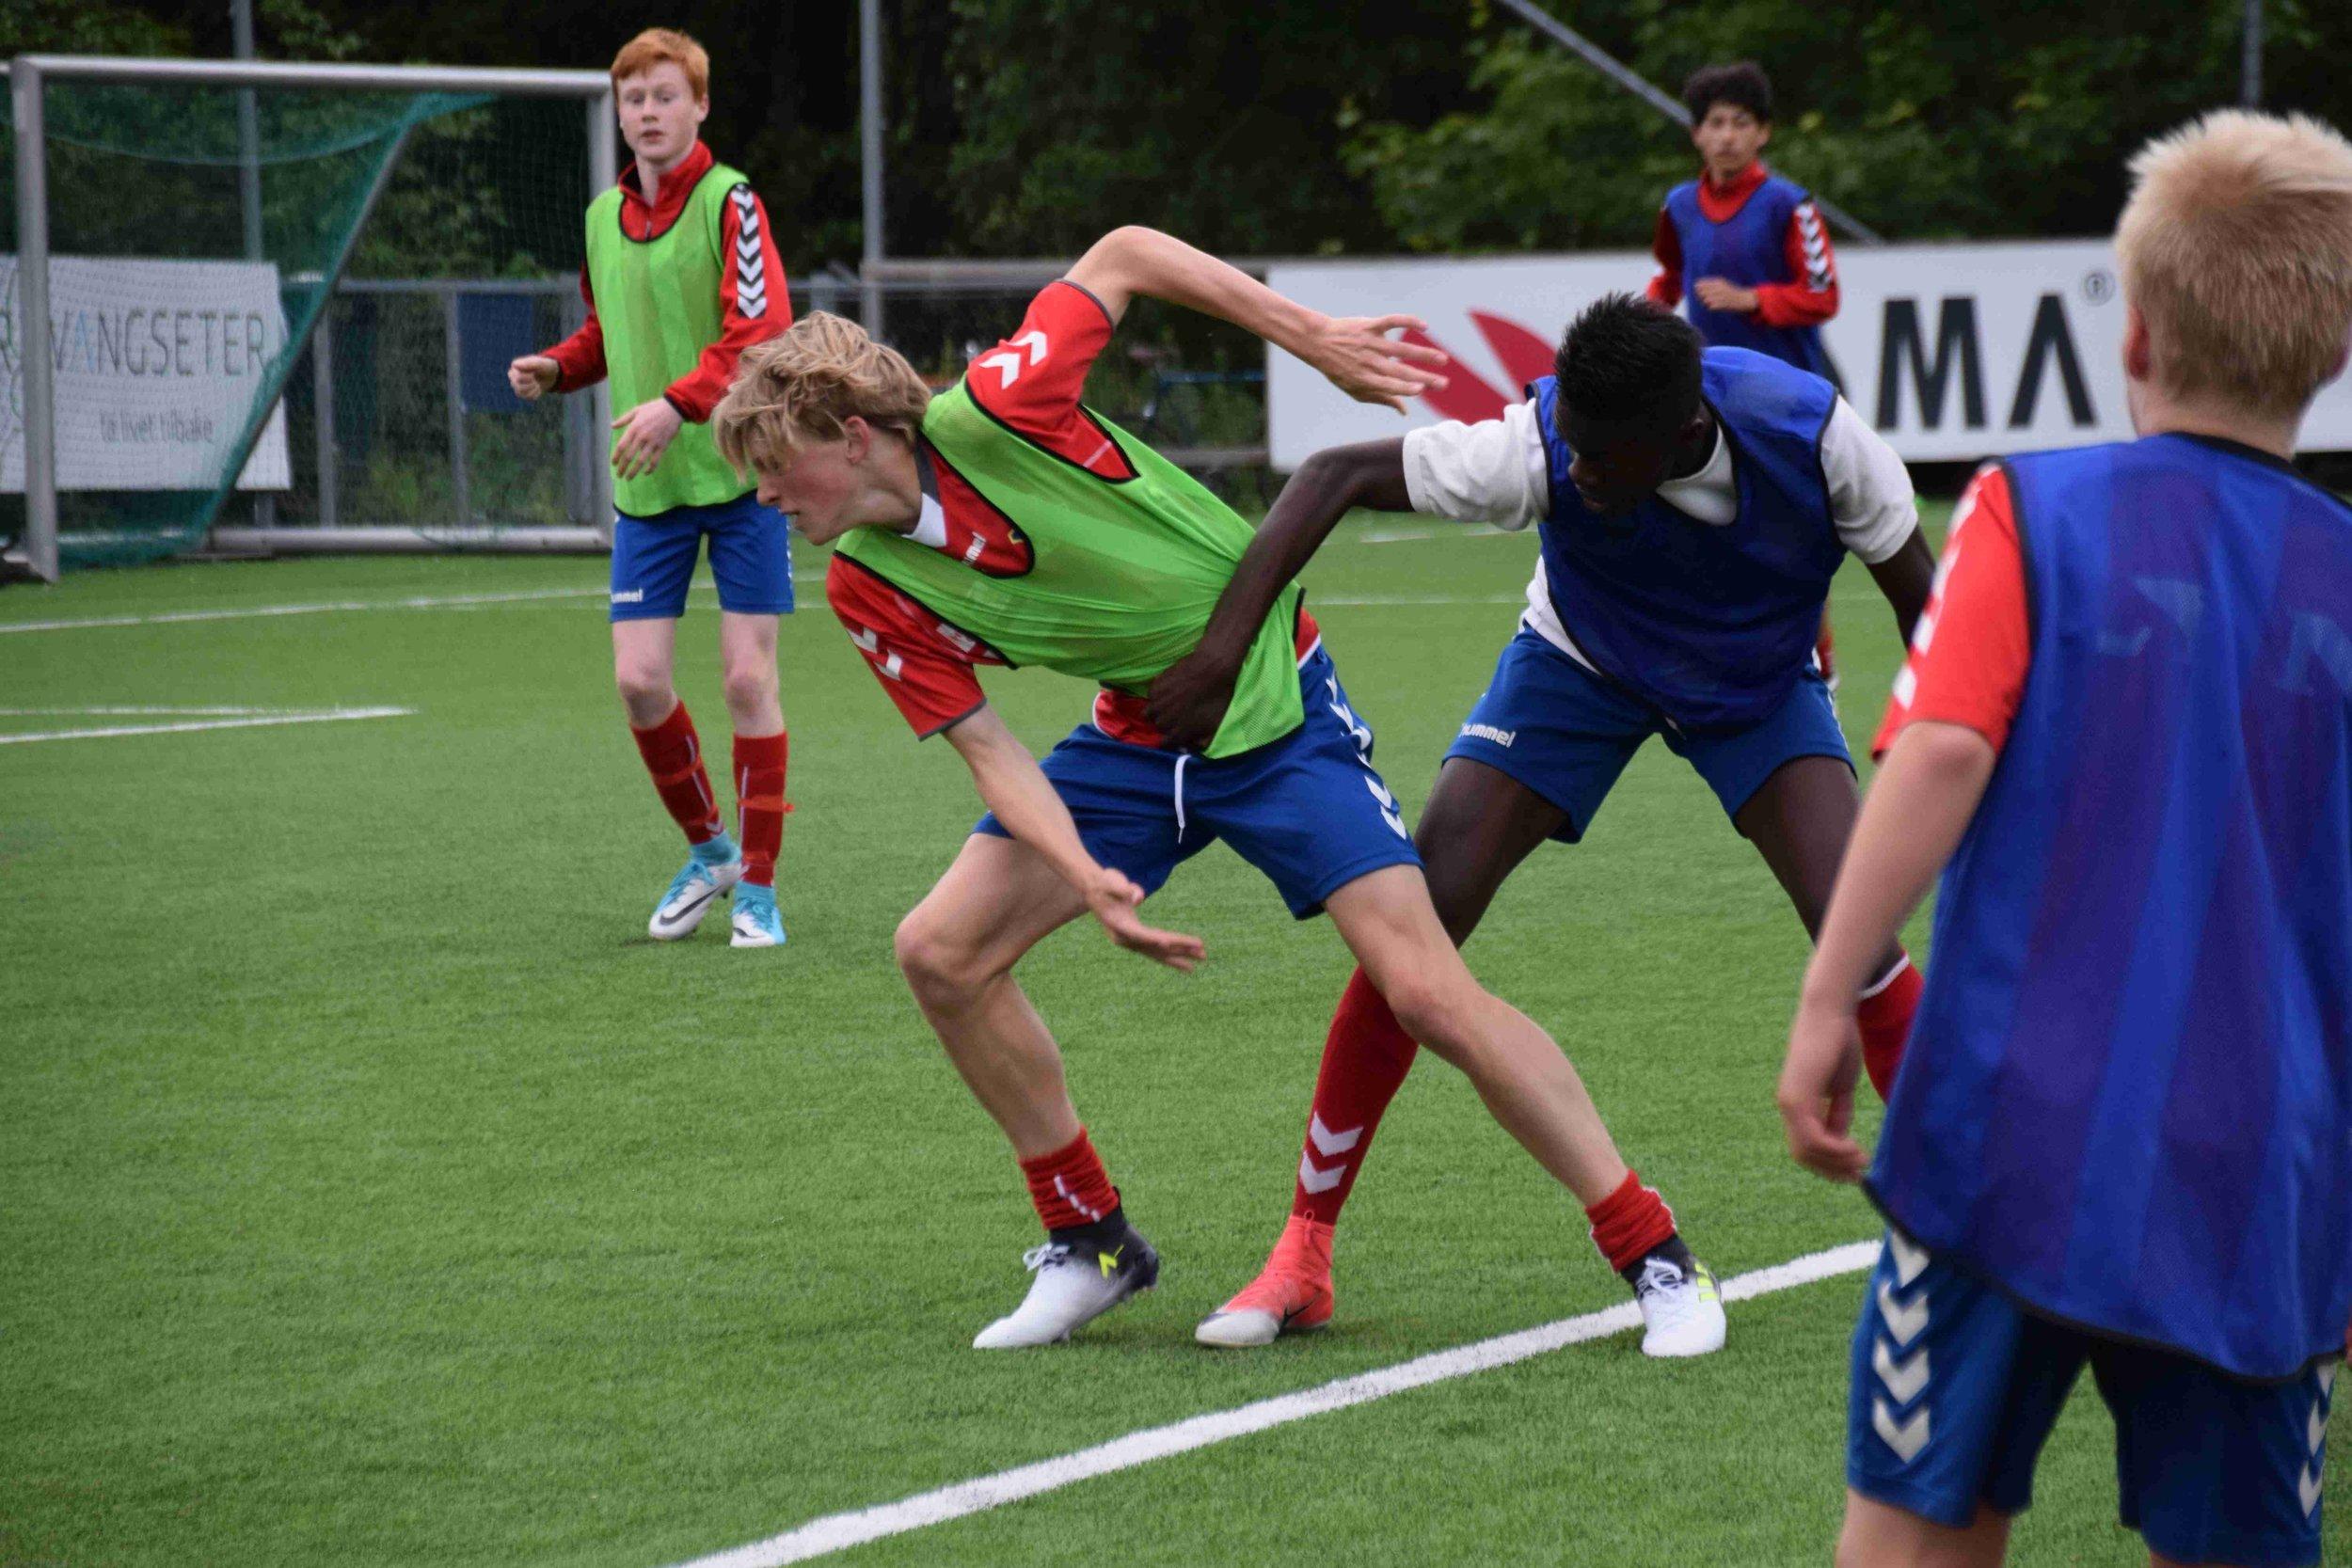 Klart for tøffe dueller når Oppsal står for tur. Her fra trening litt tidligere i år.